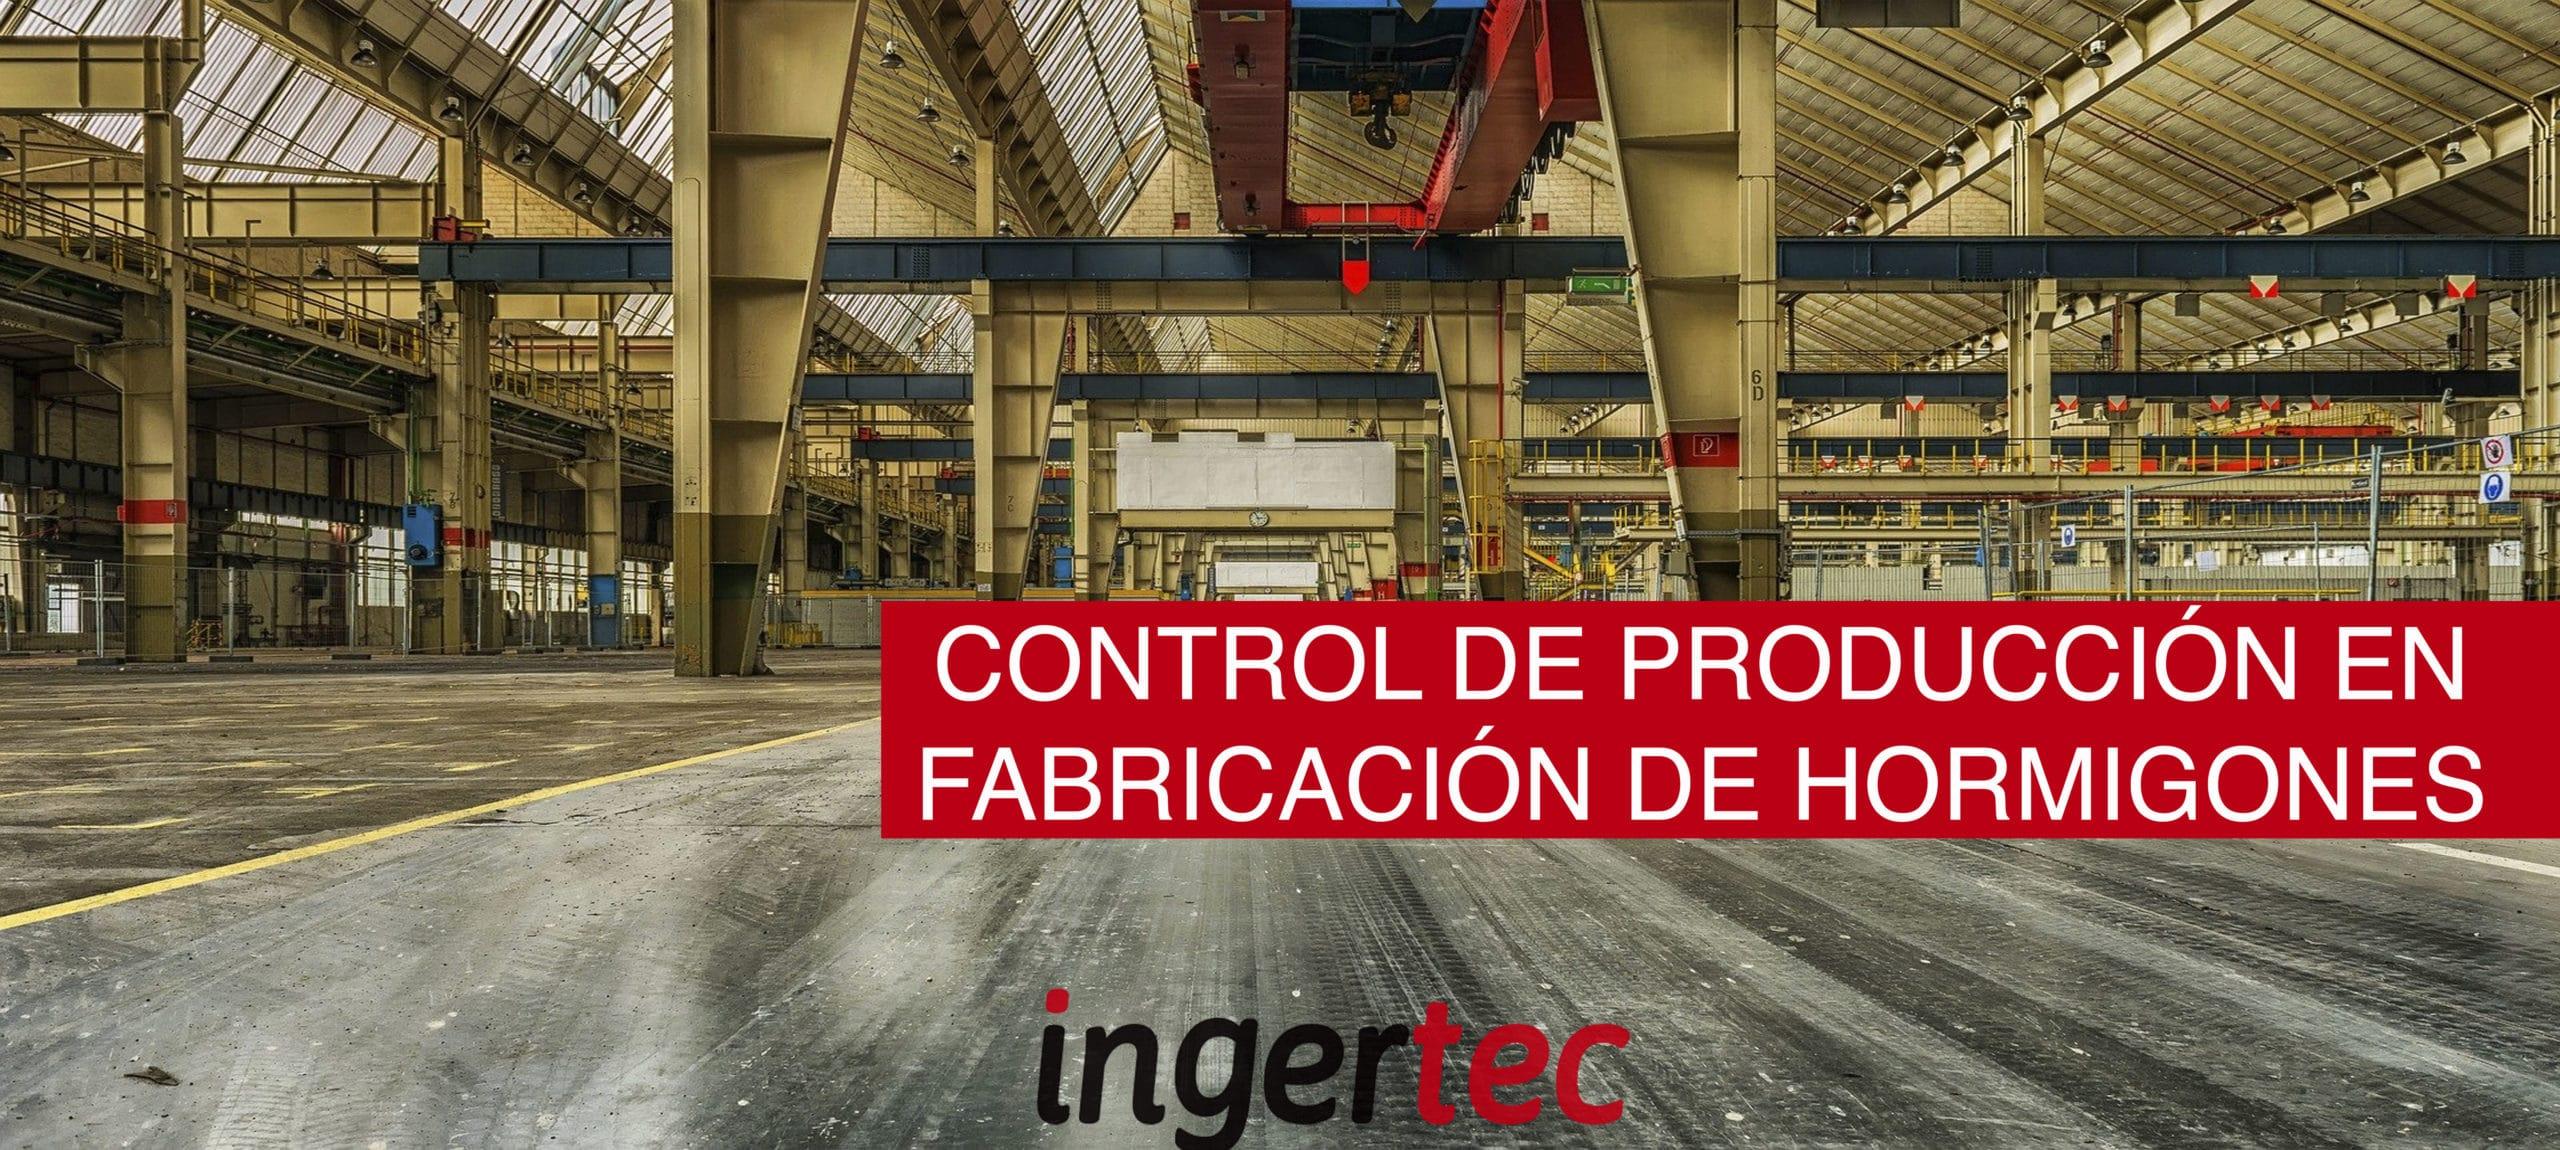 RD 163 2019 Control produccion hormigones